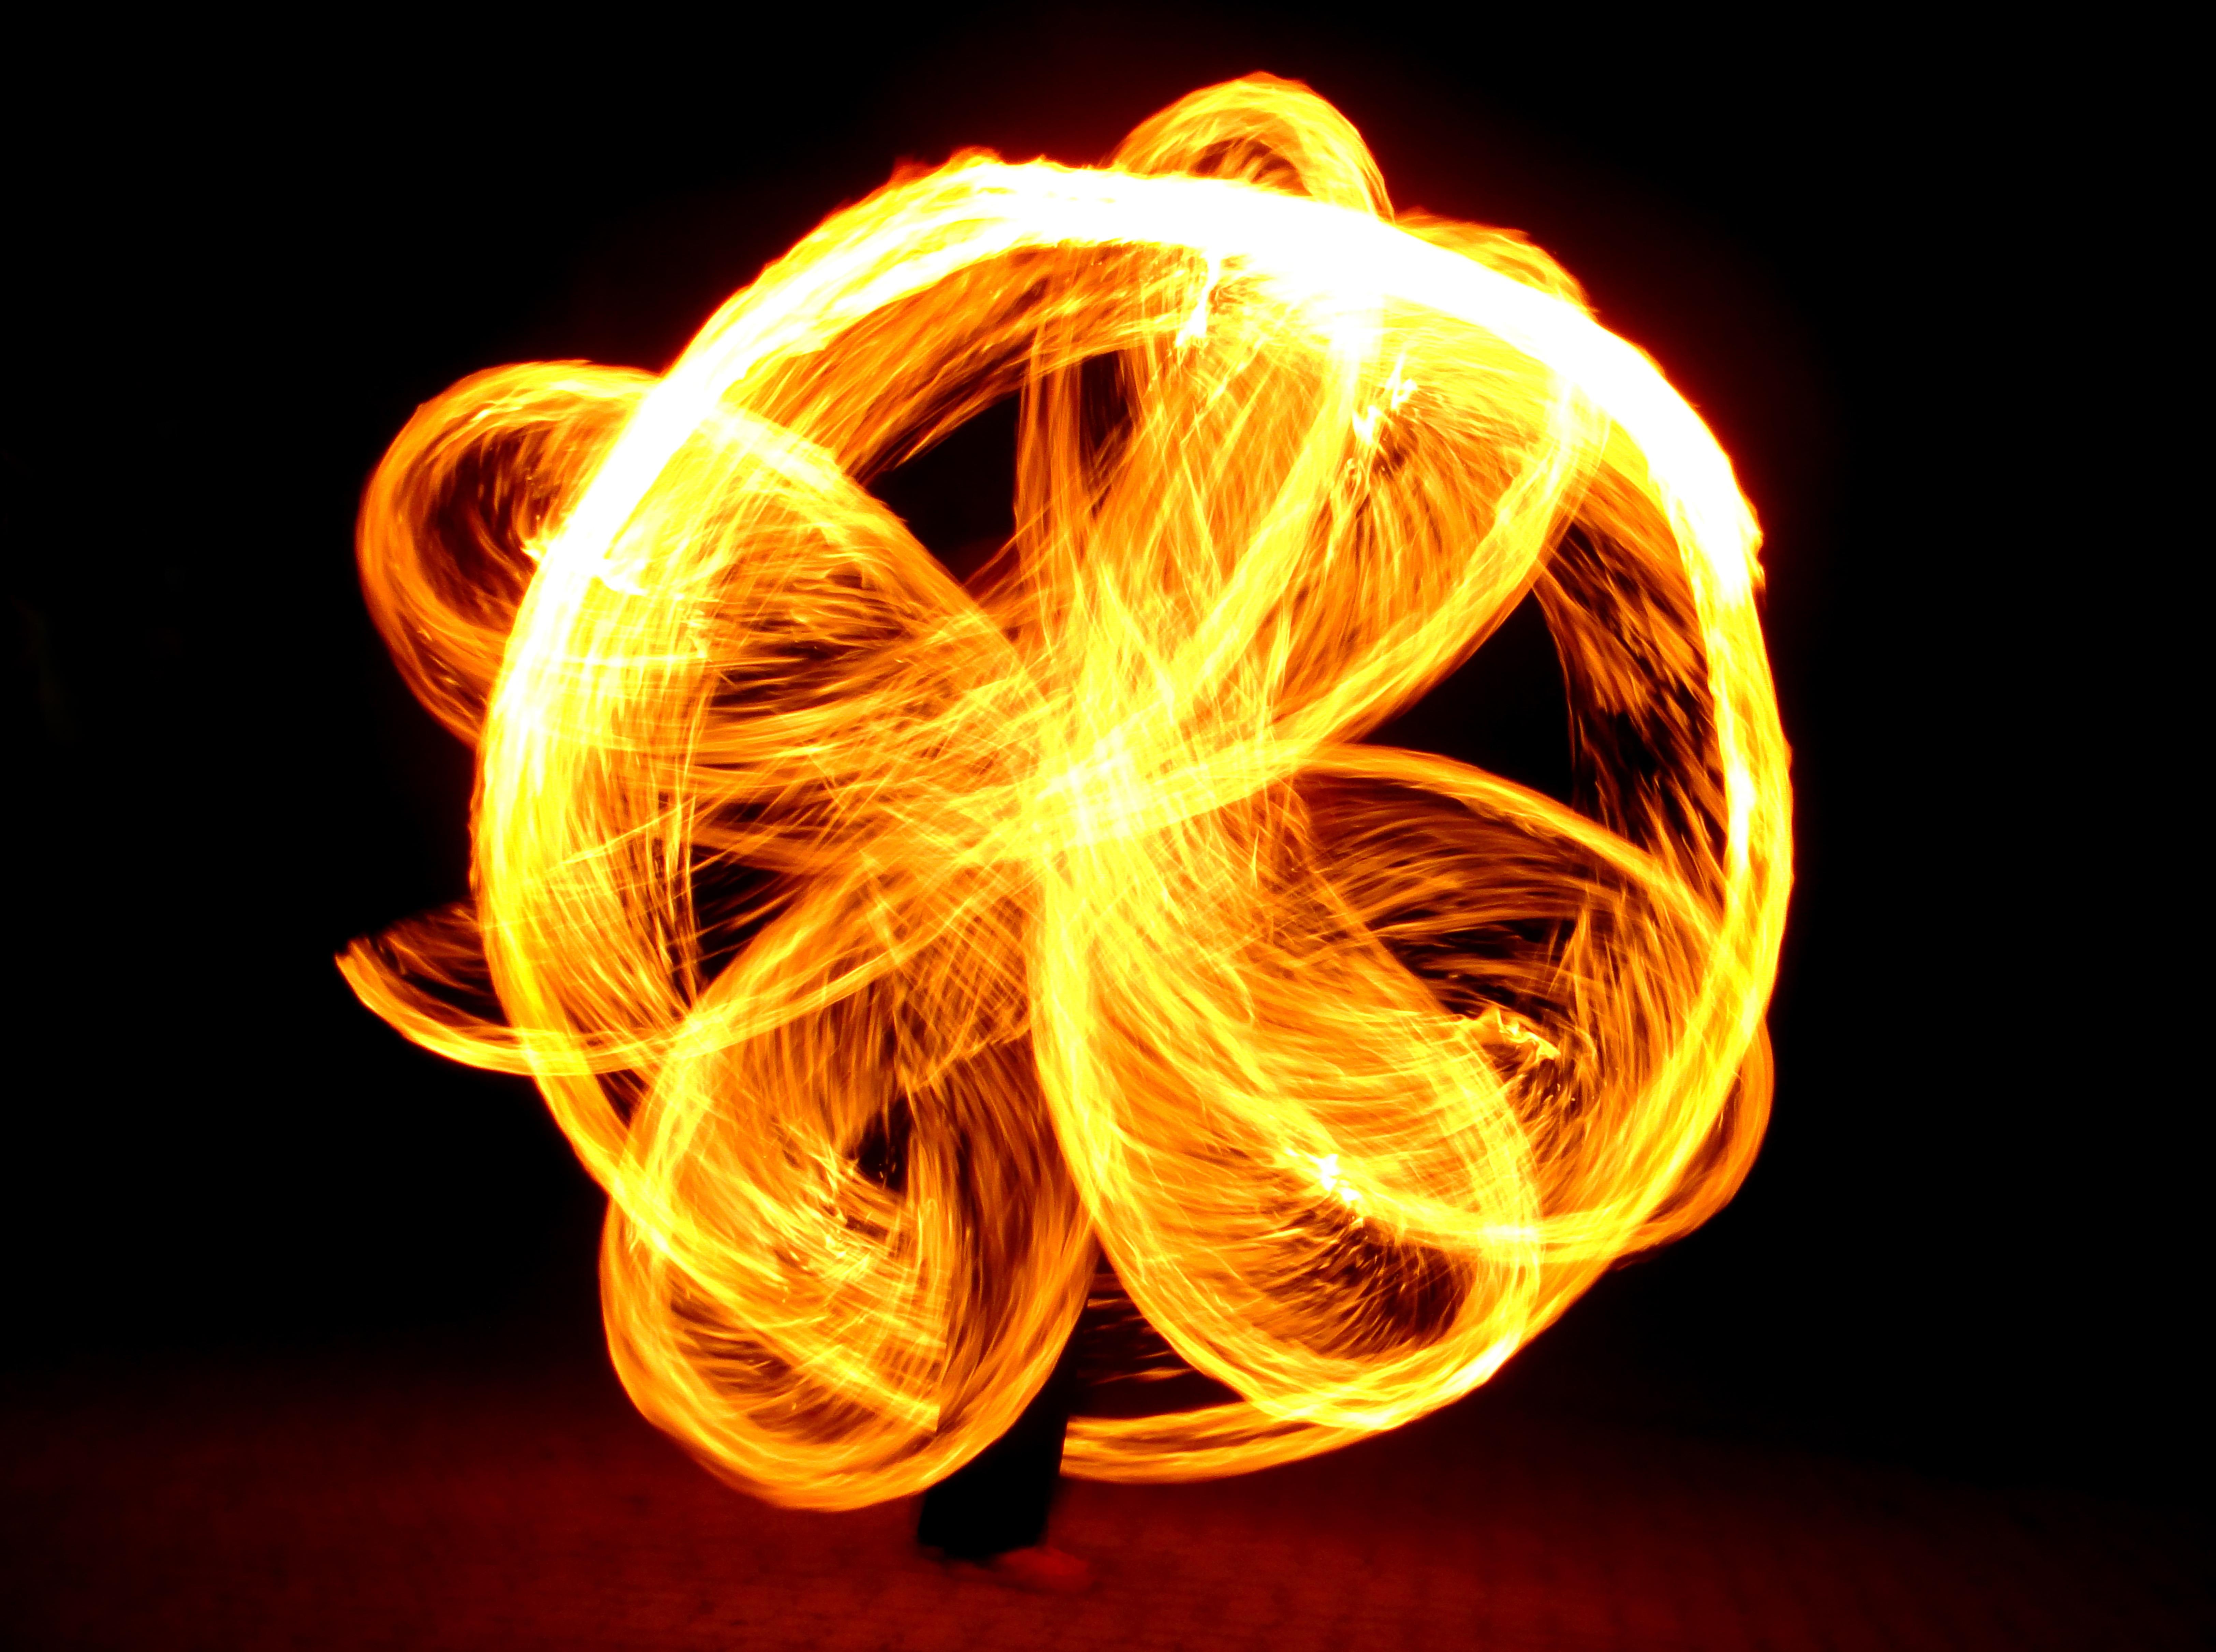 Images Gratuites Nuit Cierge Magique Danse Feu Jaune Cercle